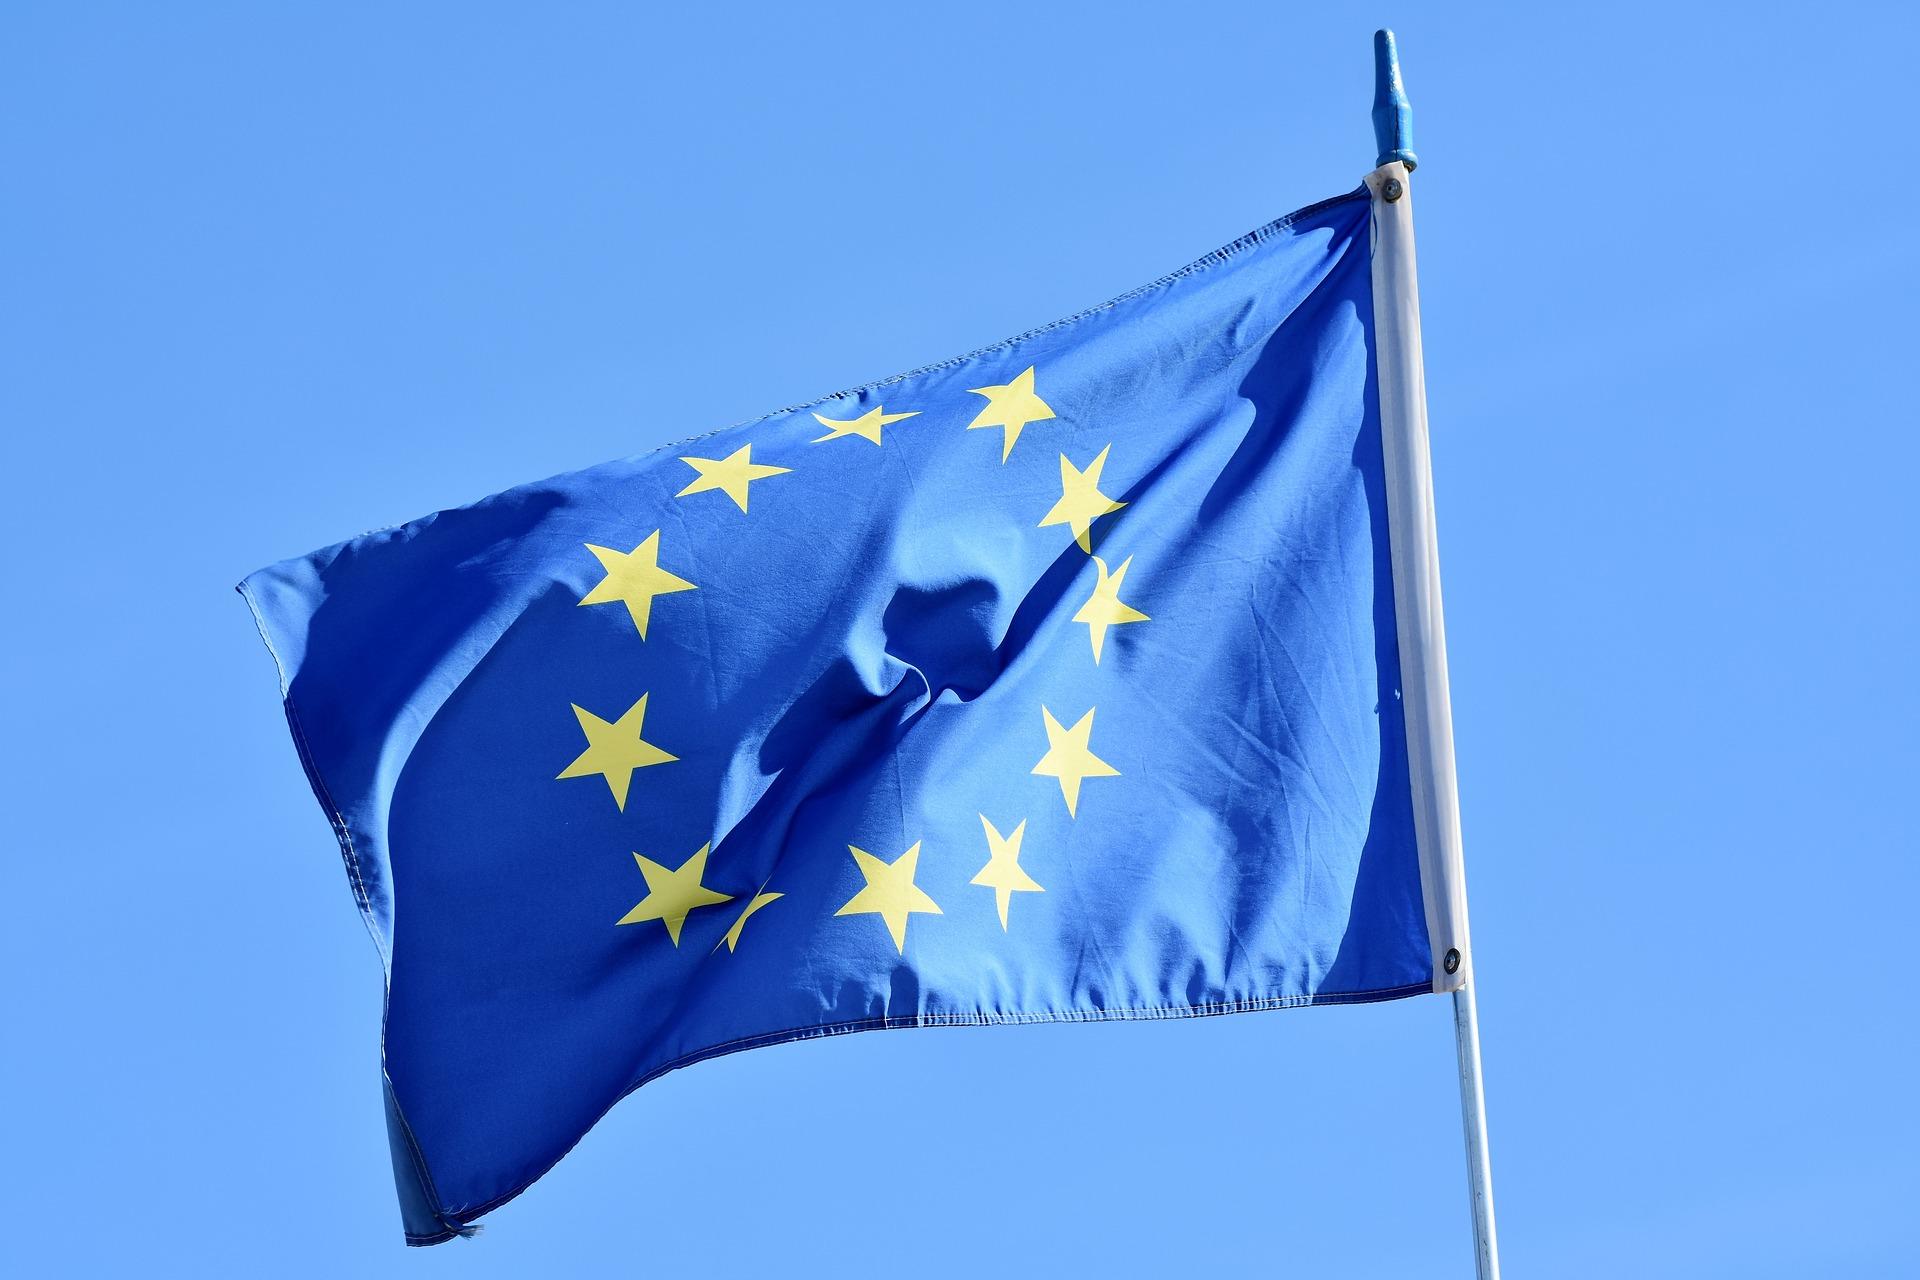 União Europeia anuncia restrição de acesso para conter coronavírus